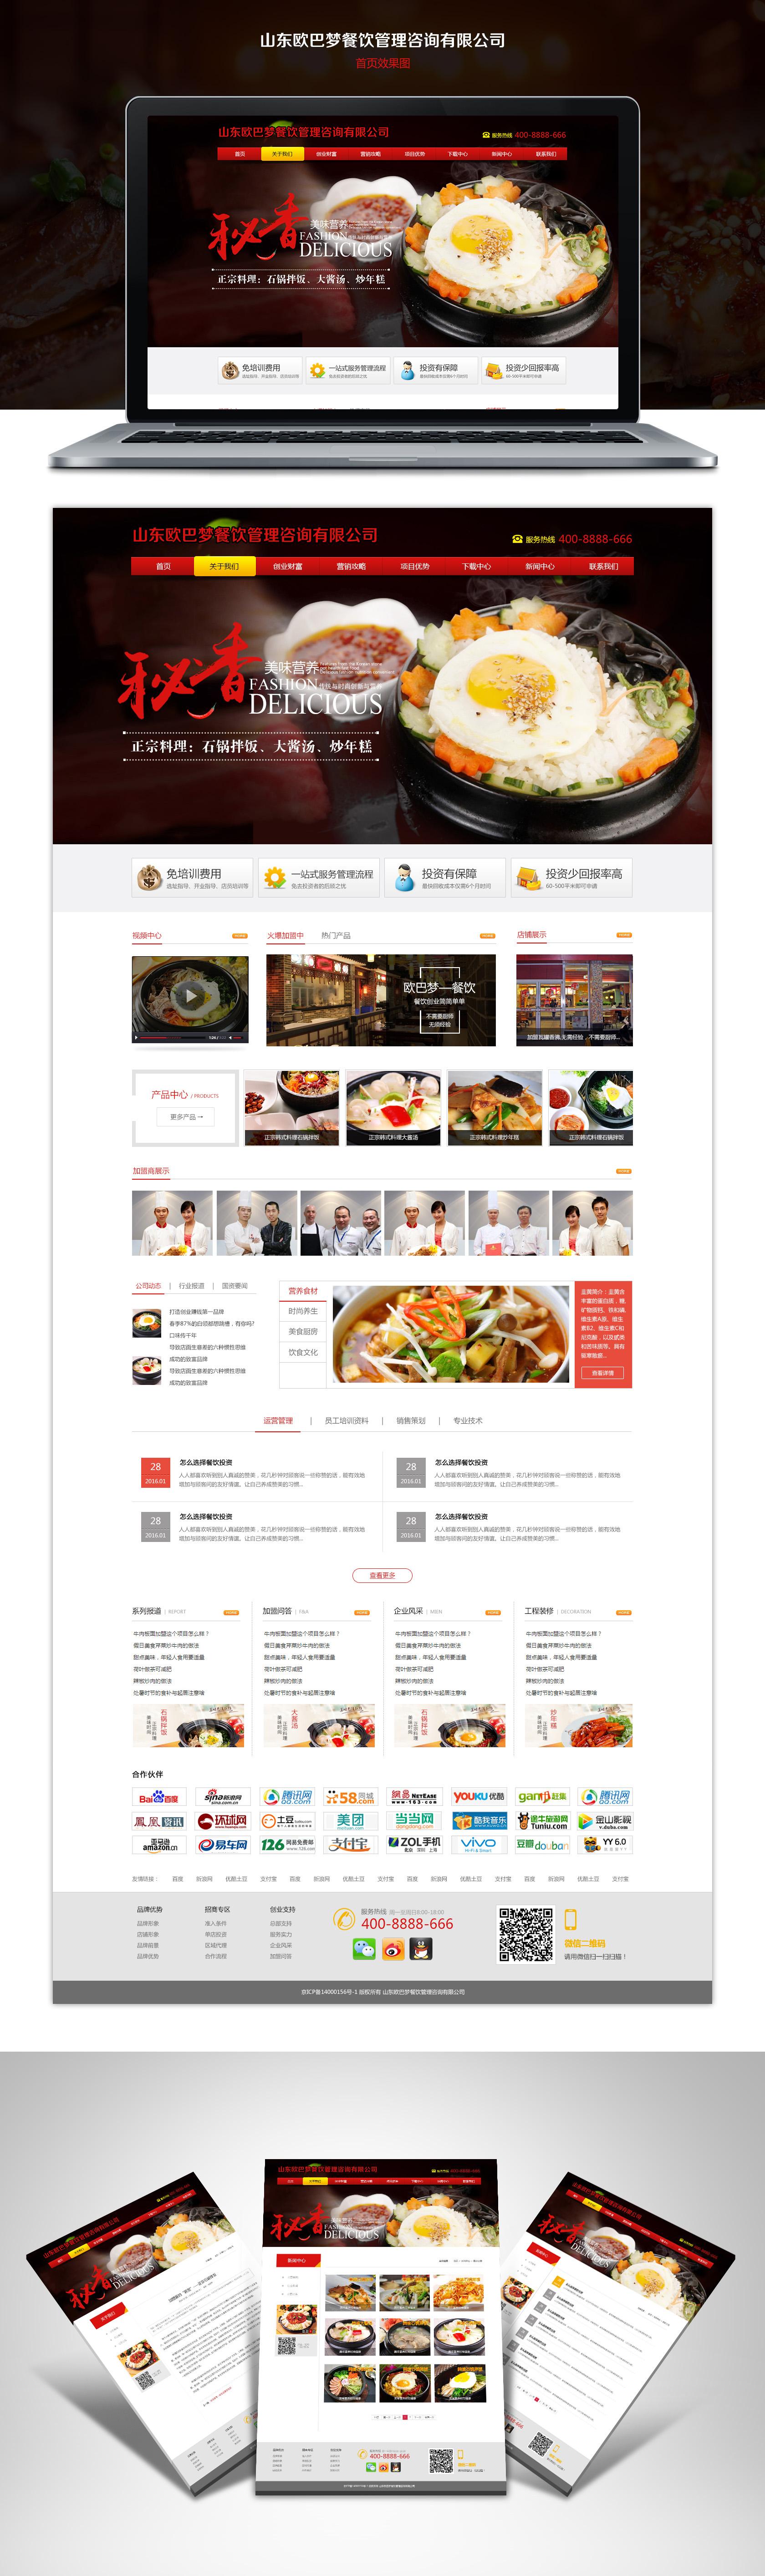 餐饮网站设计,餐饮页面设计,界面设计,餐饮网页,餐饮UI设计